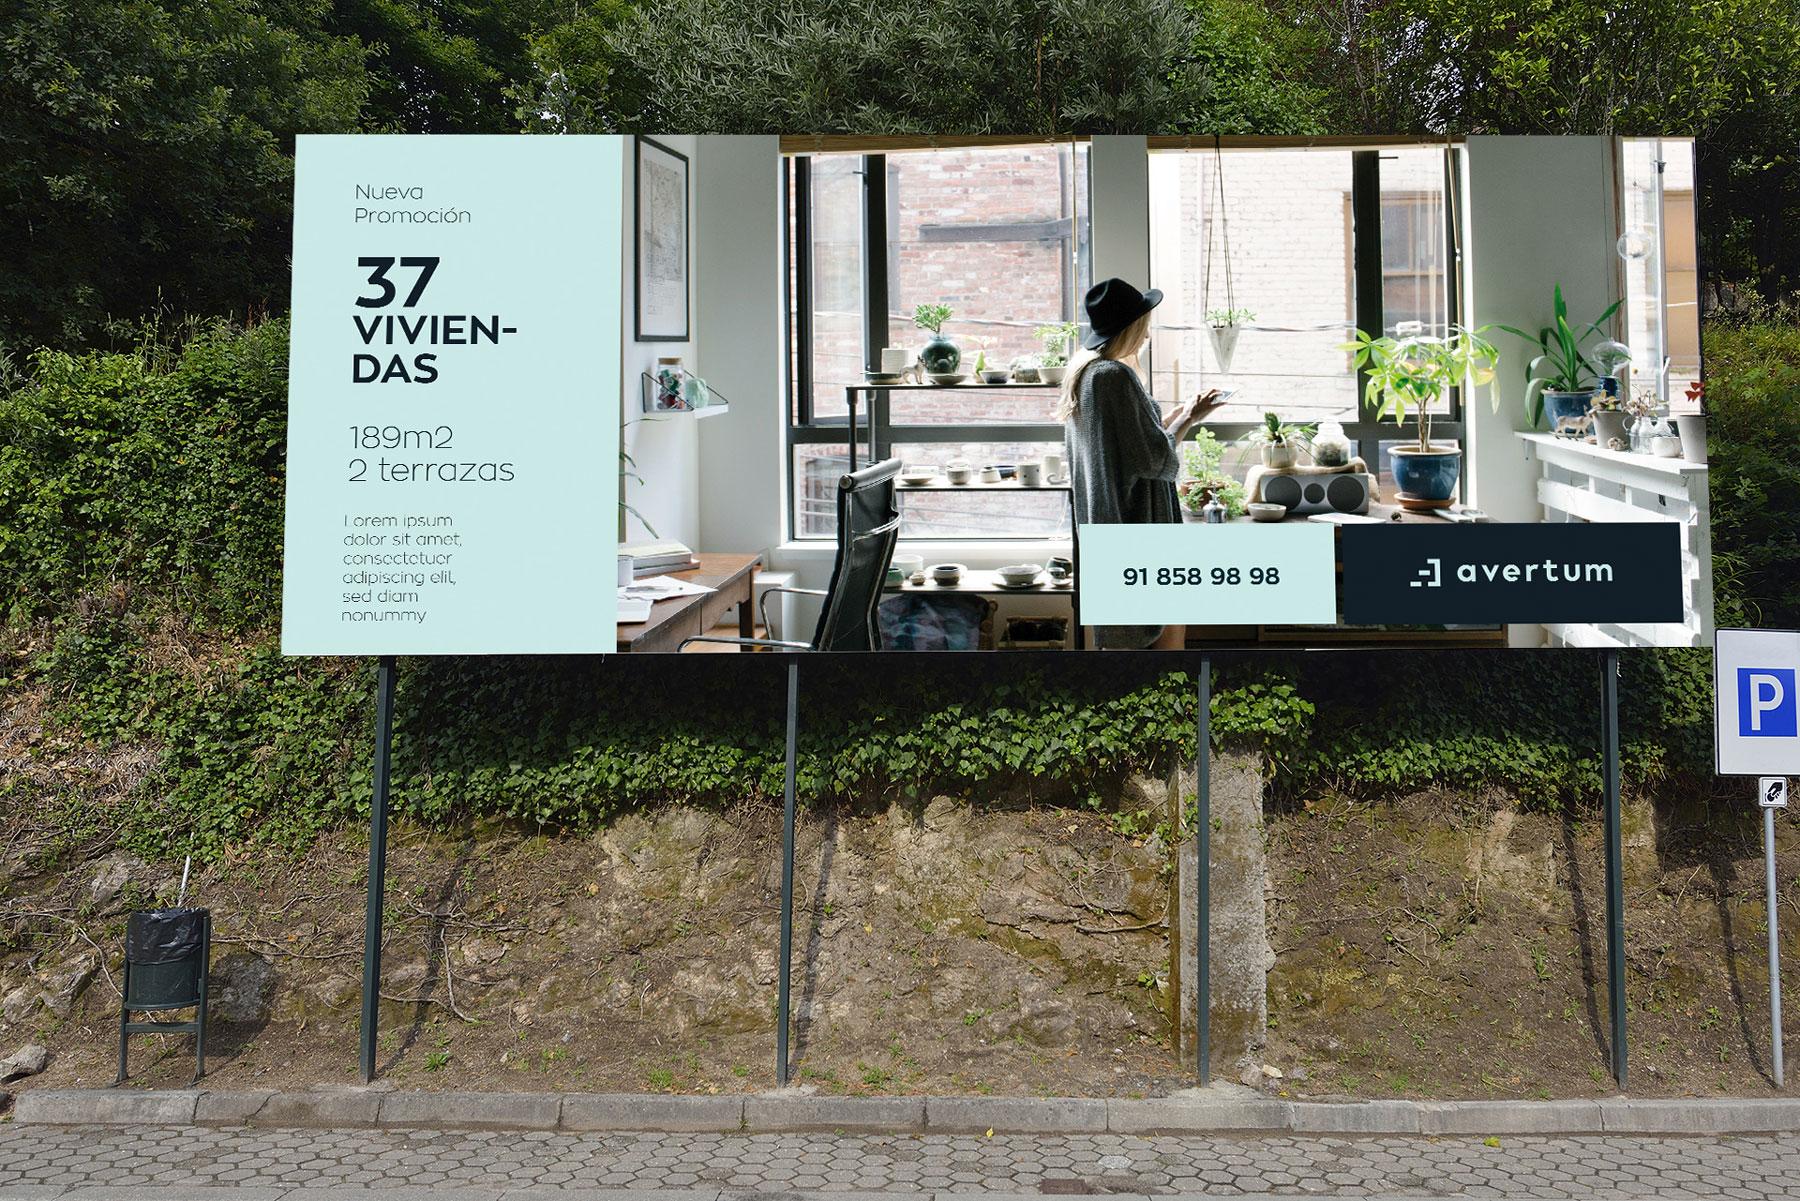 Diseño de valla publicitaria para aVertum by Reaktiva